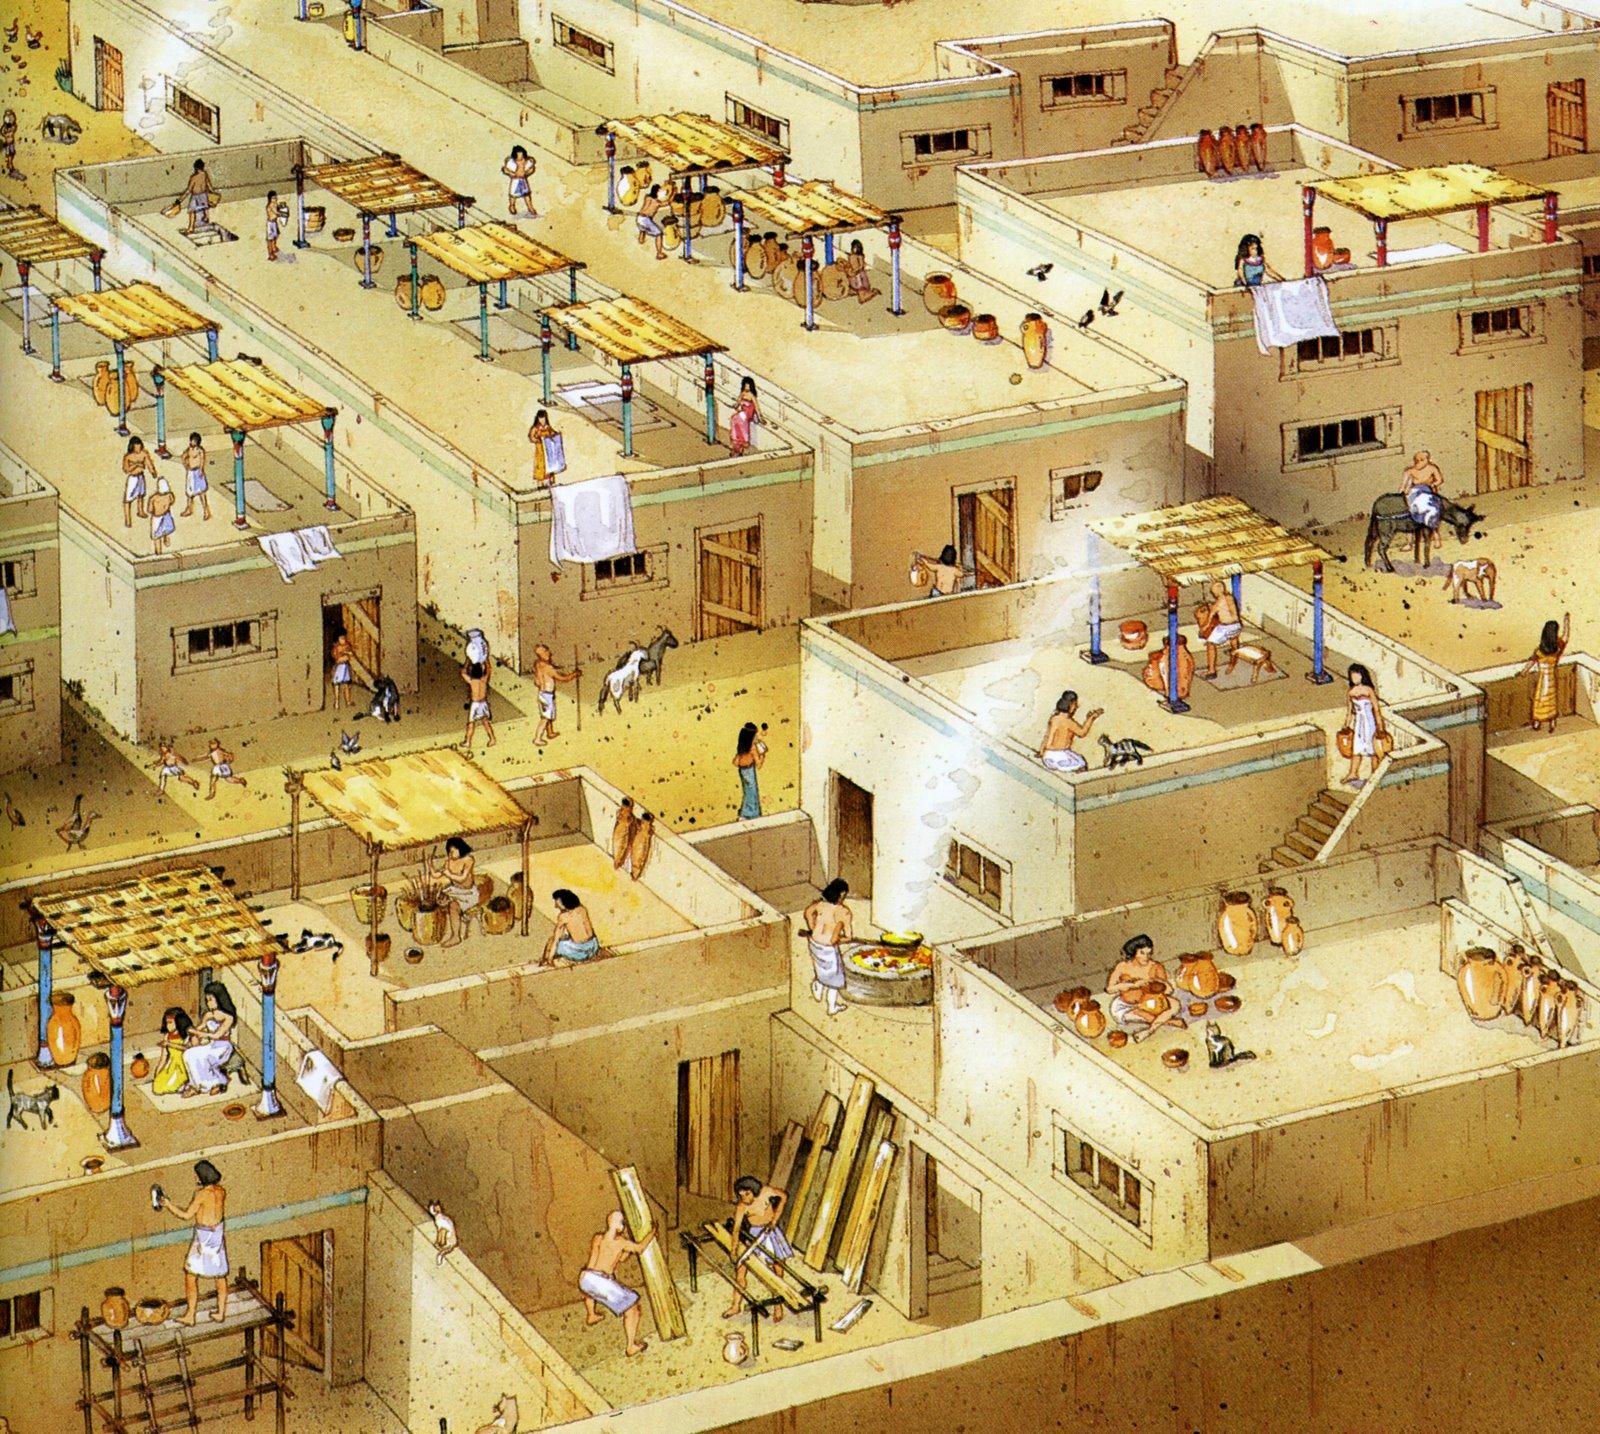 Maison gyptienne minecraft minecraft france - Les maisons de maylis ...